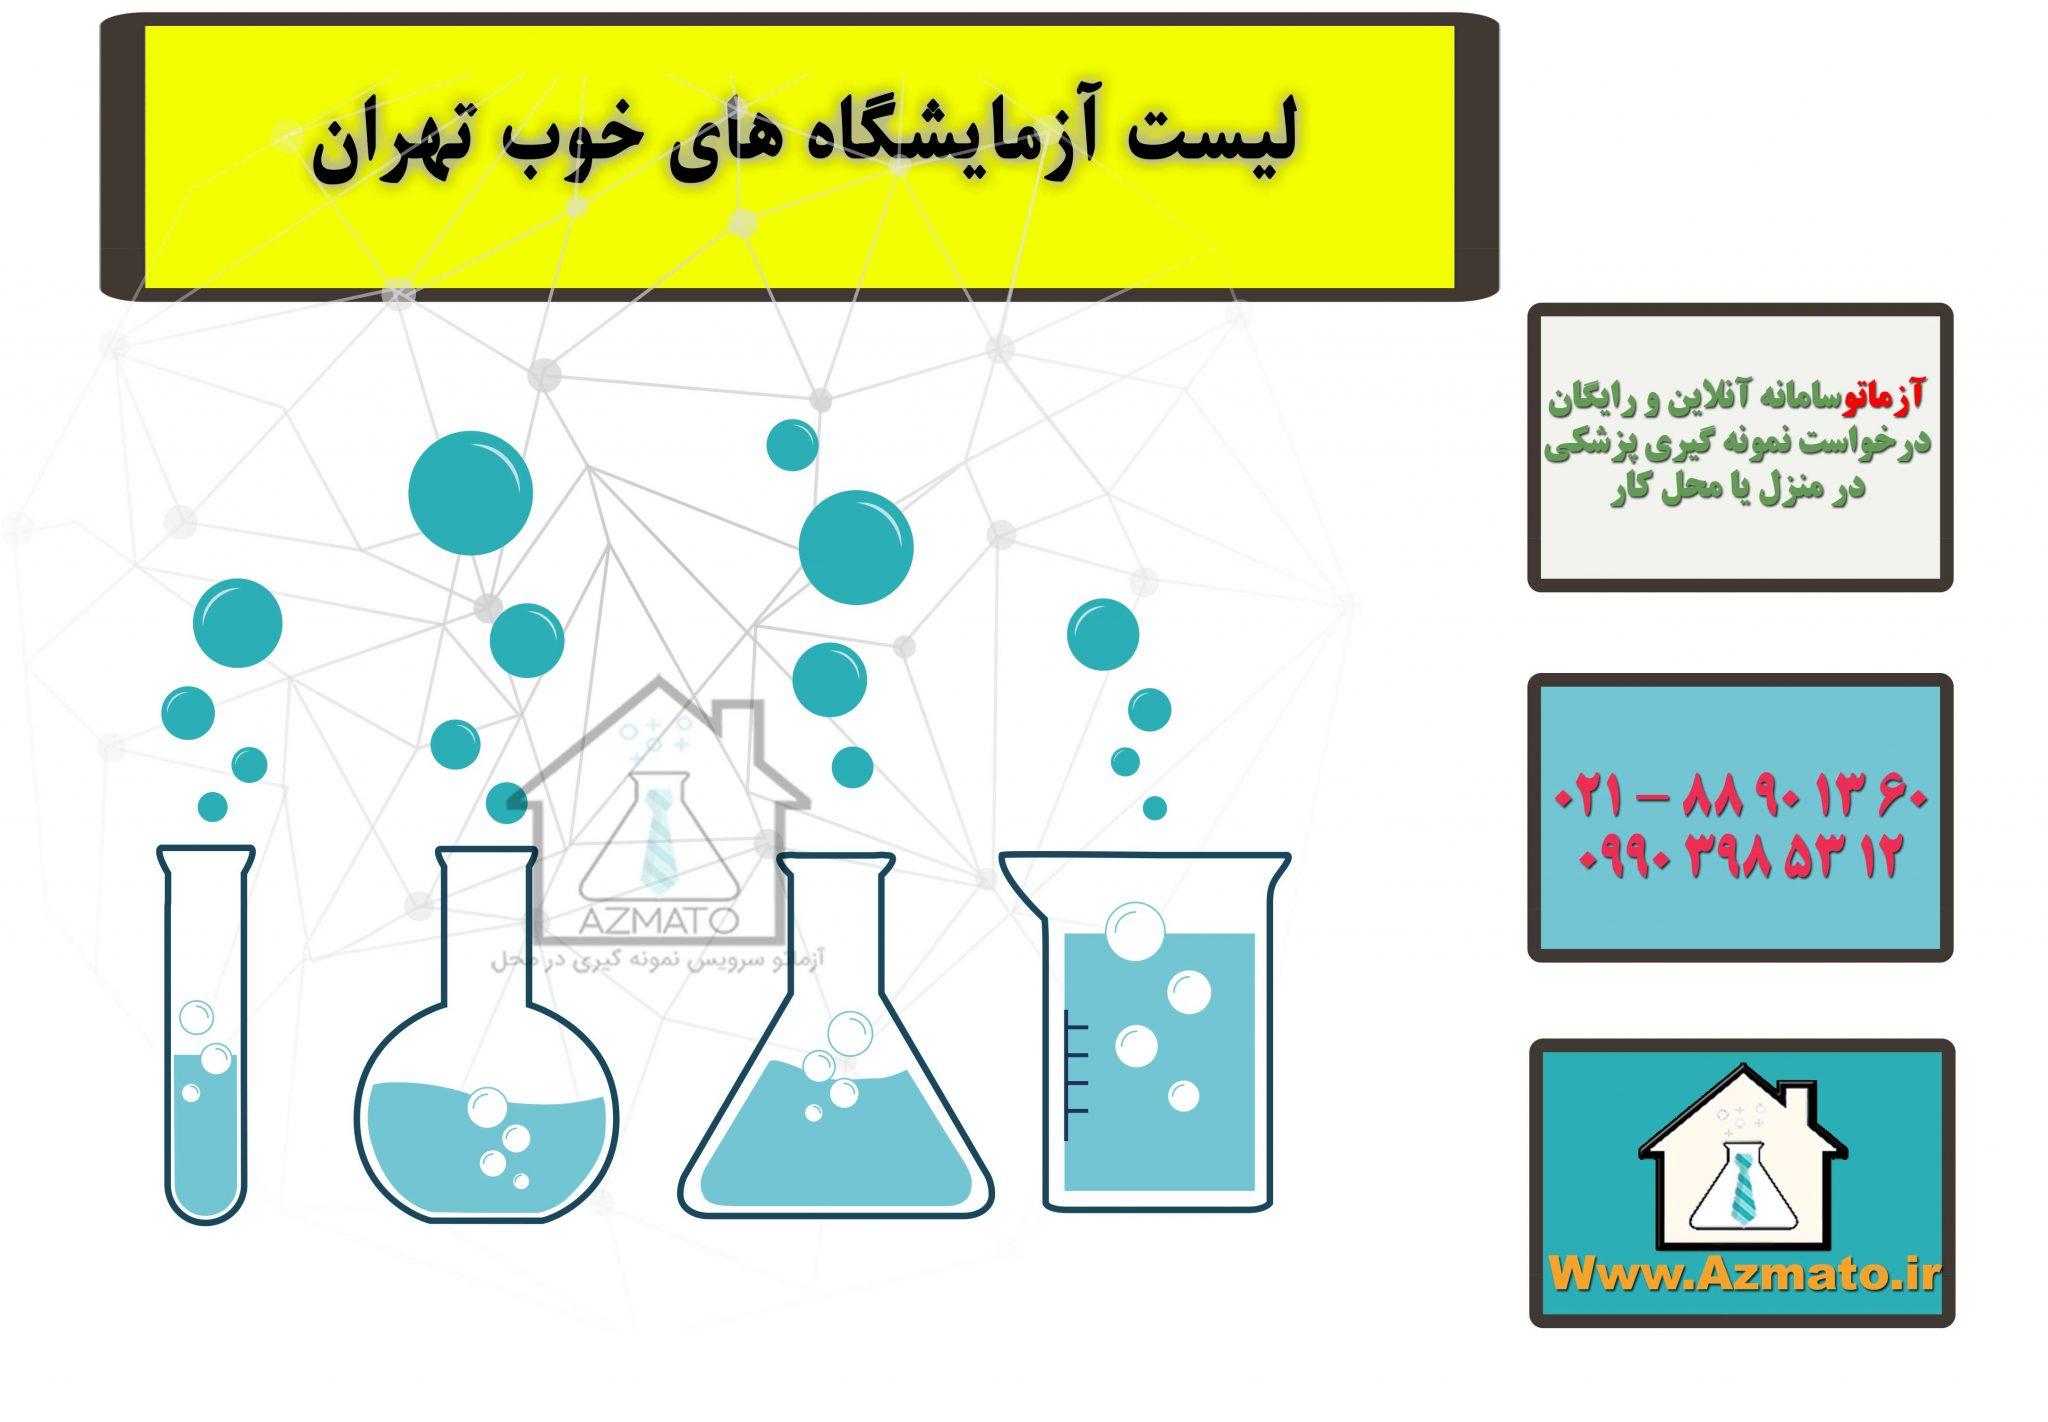 لیست آزمایشگاه های خوب تهران